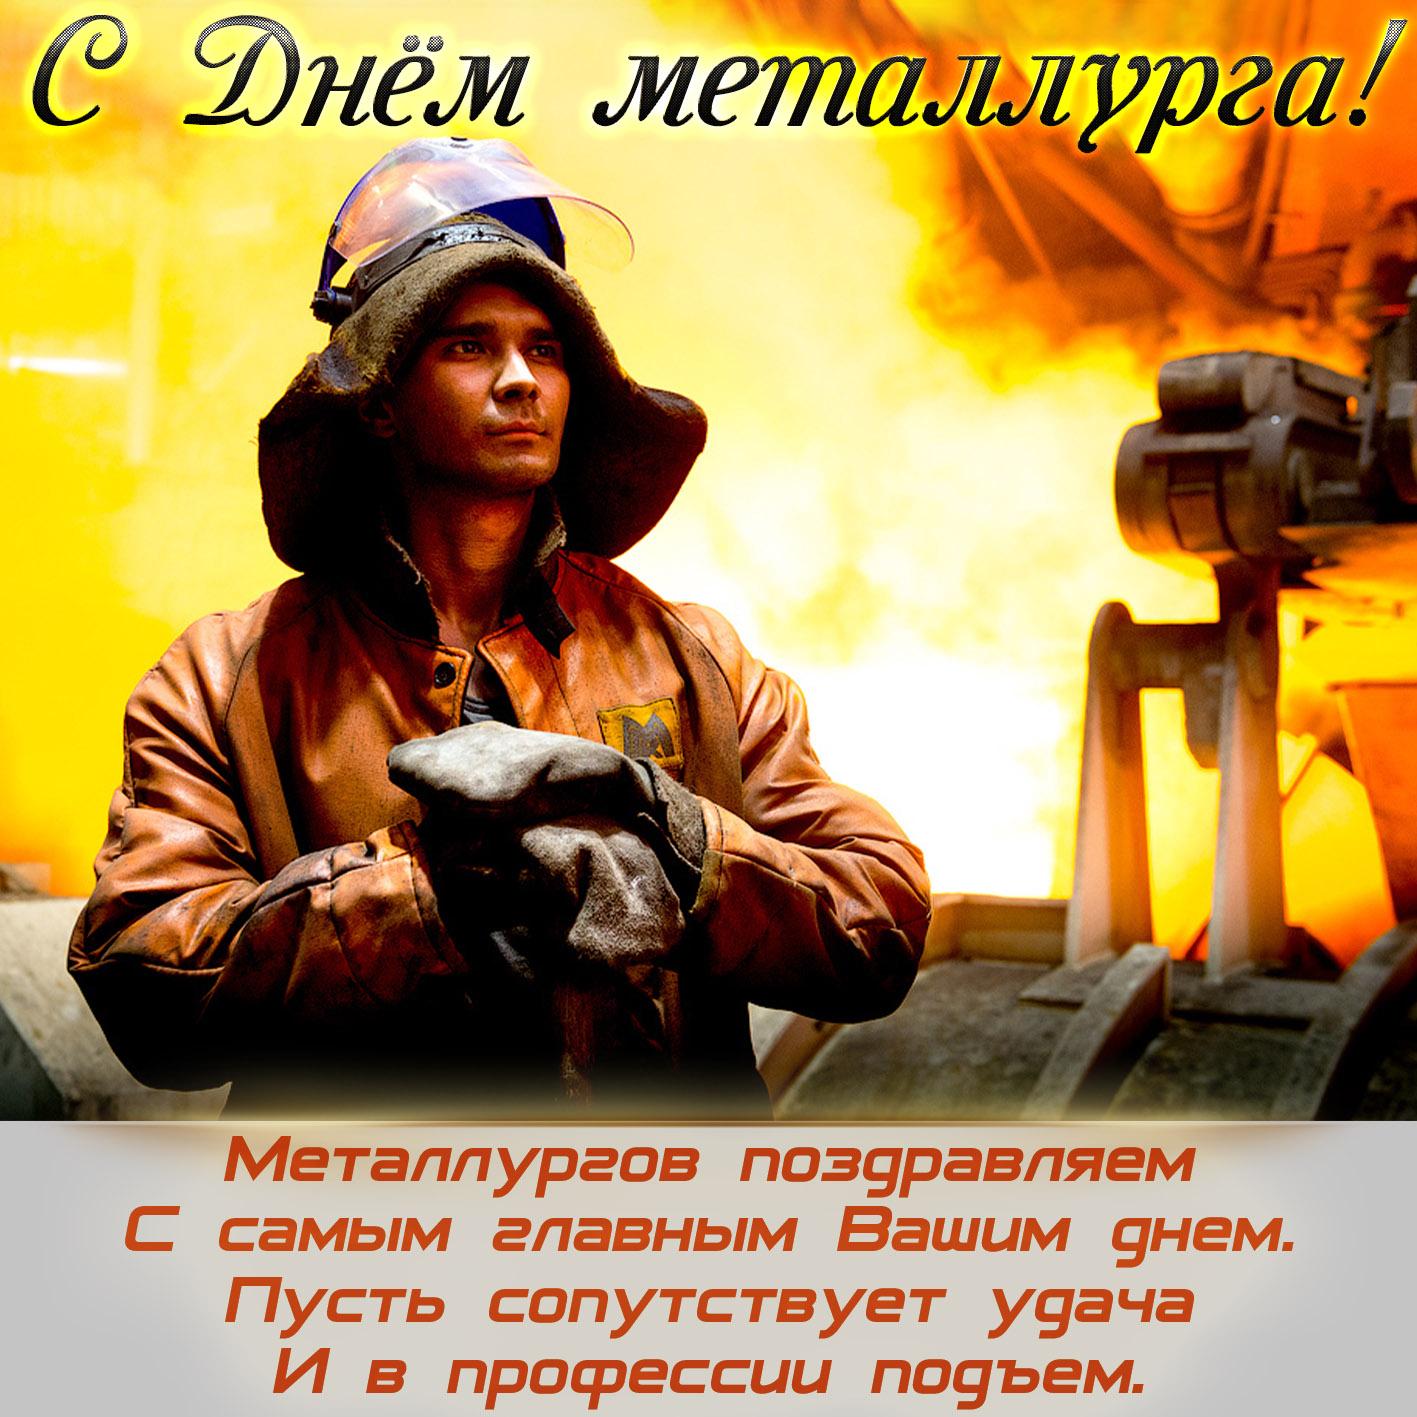 Поздравить с днем металлургов